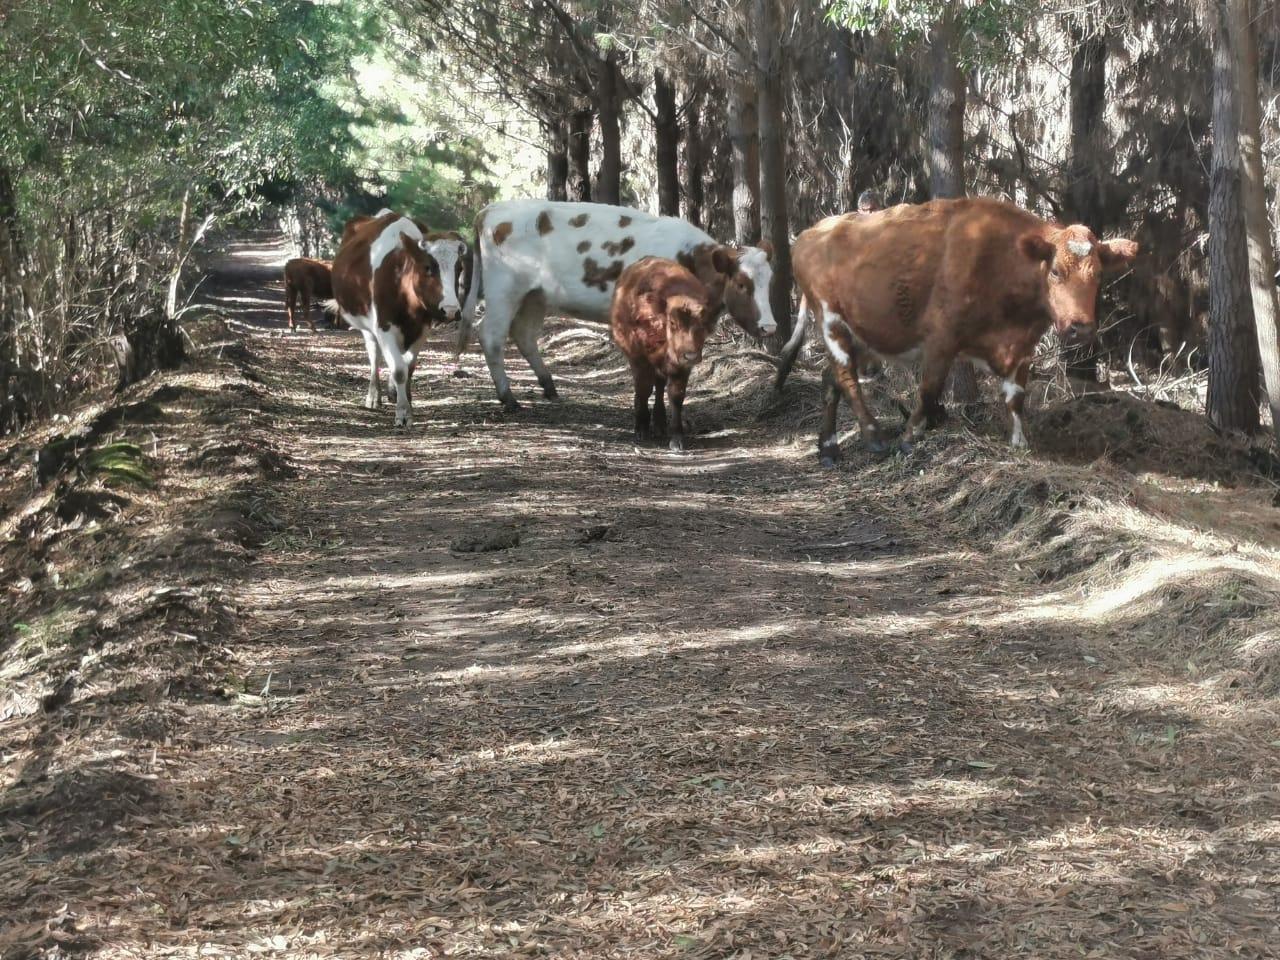 Carabineros captura a sujeto con animales robados a agricultor de Laja